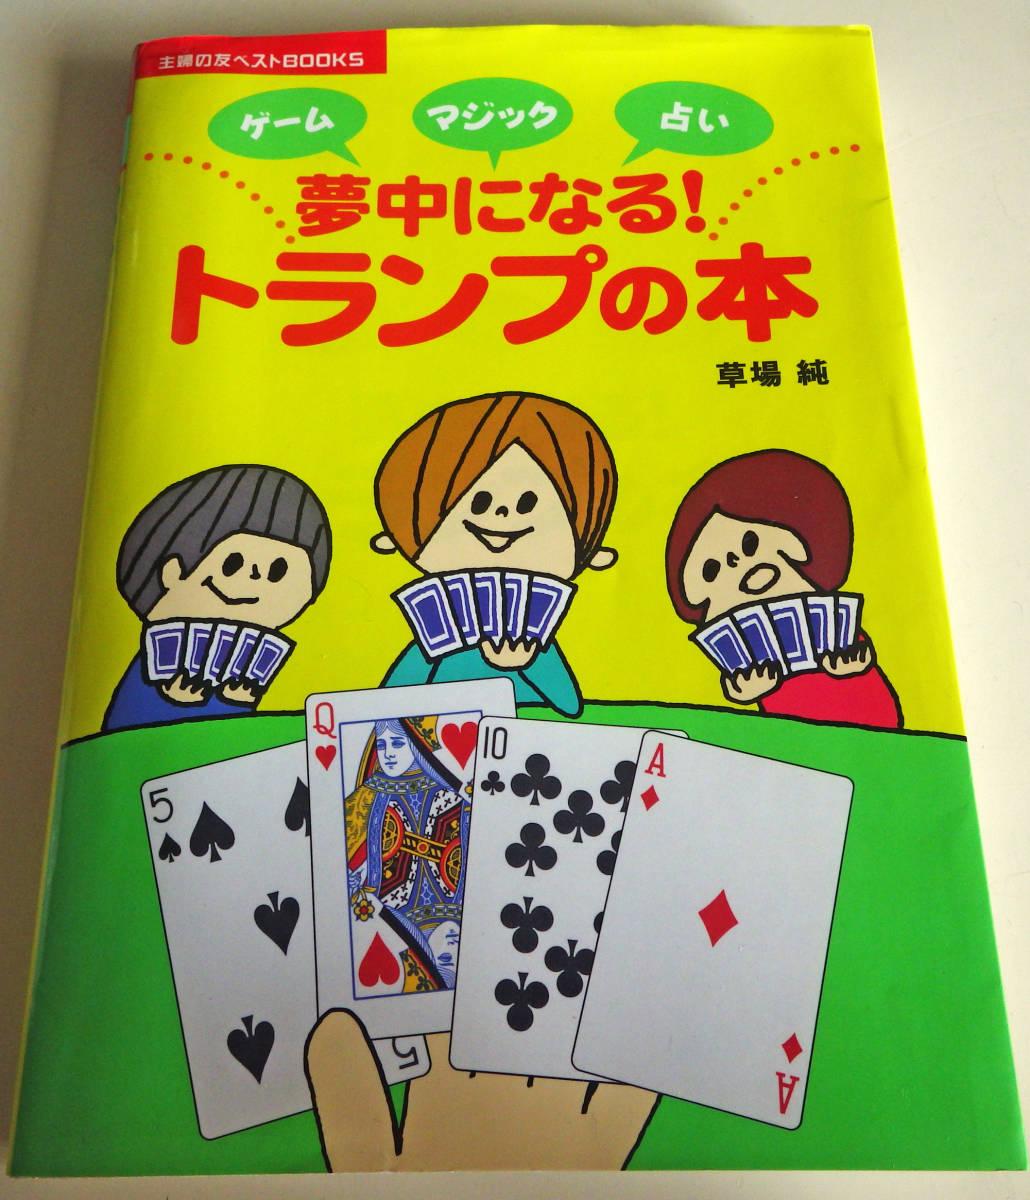 中古書籍 夢中になる! トランプの本 ゲーム マジック 占い 主婦の友社 ベストBOOKS 草場純 2010年発行